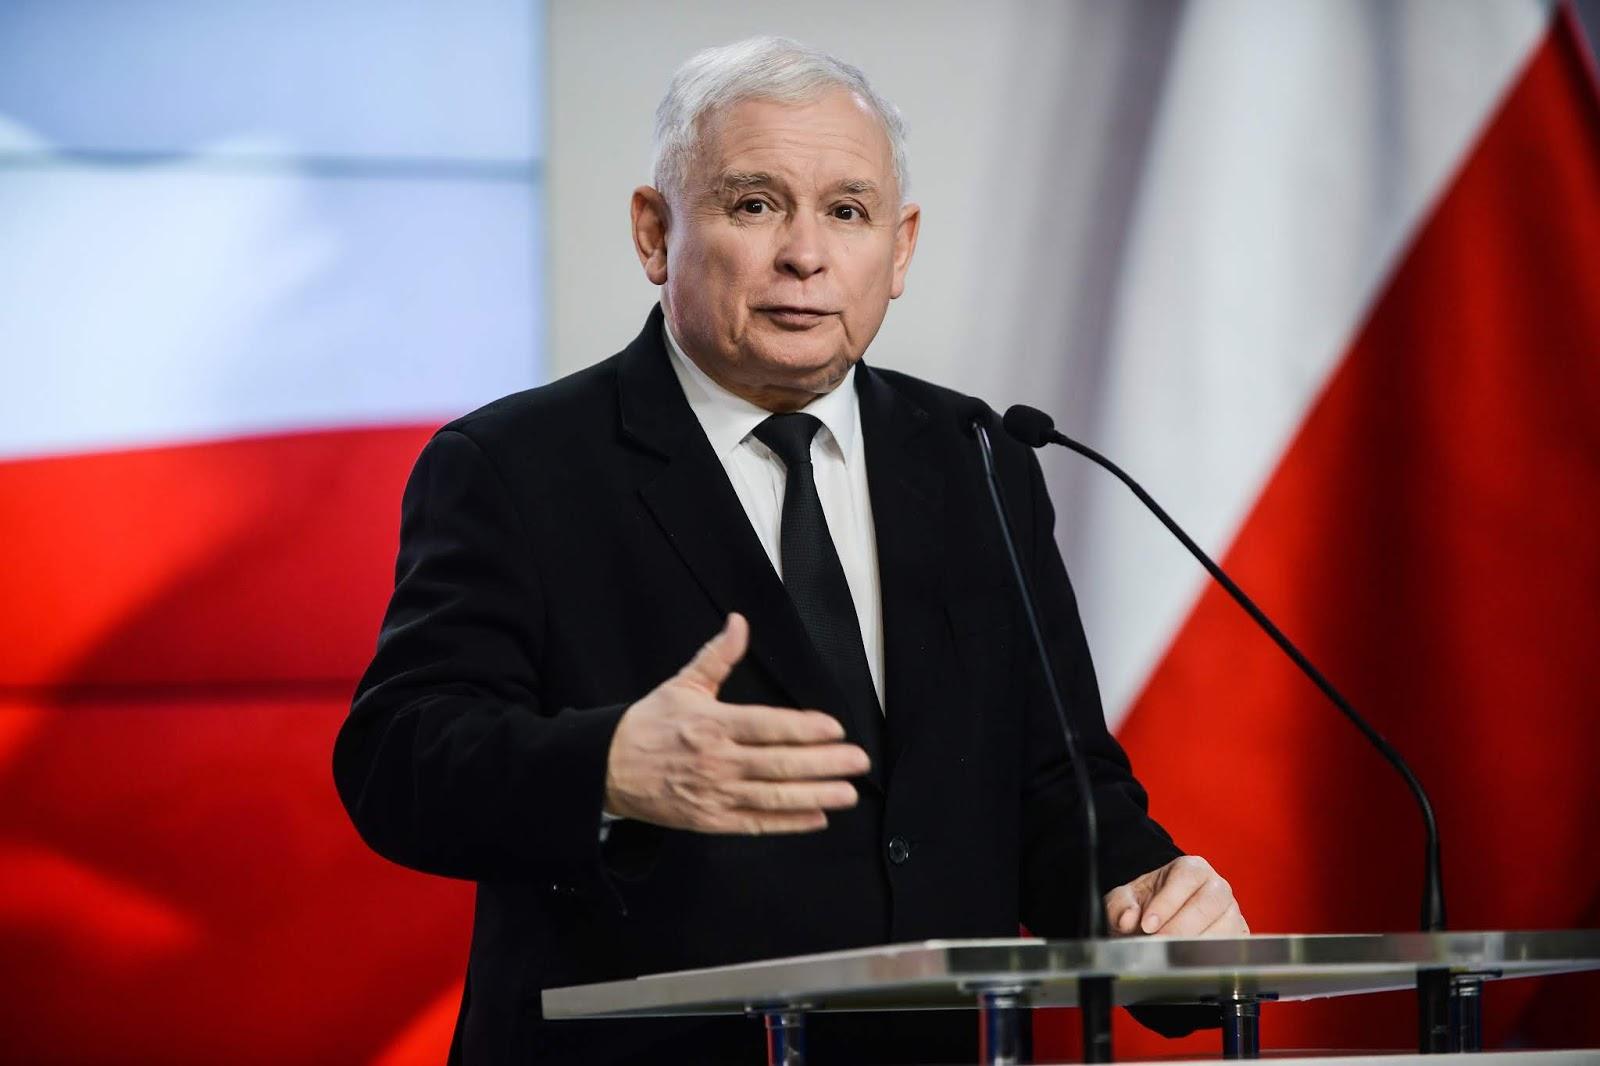 """Lenkija sėkmingai kuria """"gerovės valstybę"""", o Lietuvos valdantieji net nesupranta šios sąvokos reikšmės"""